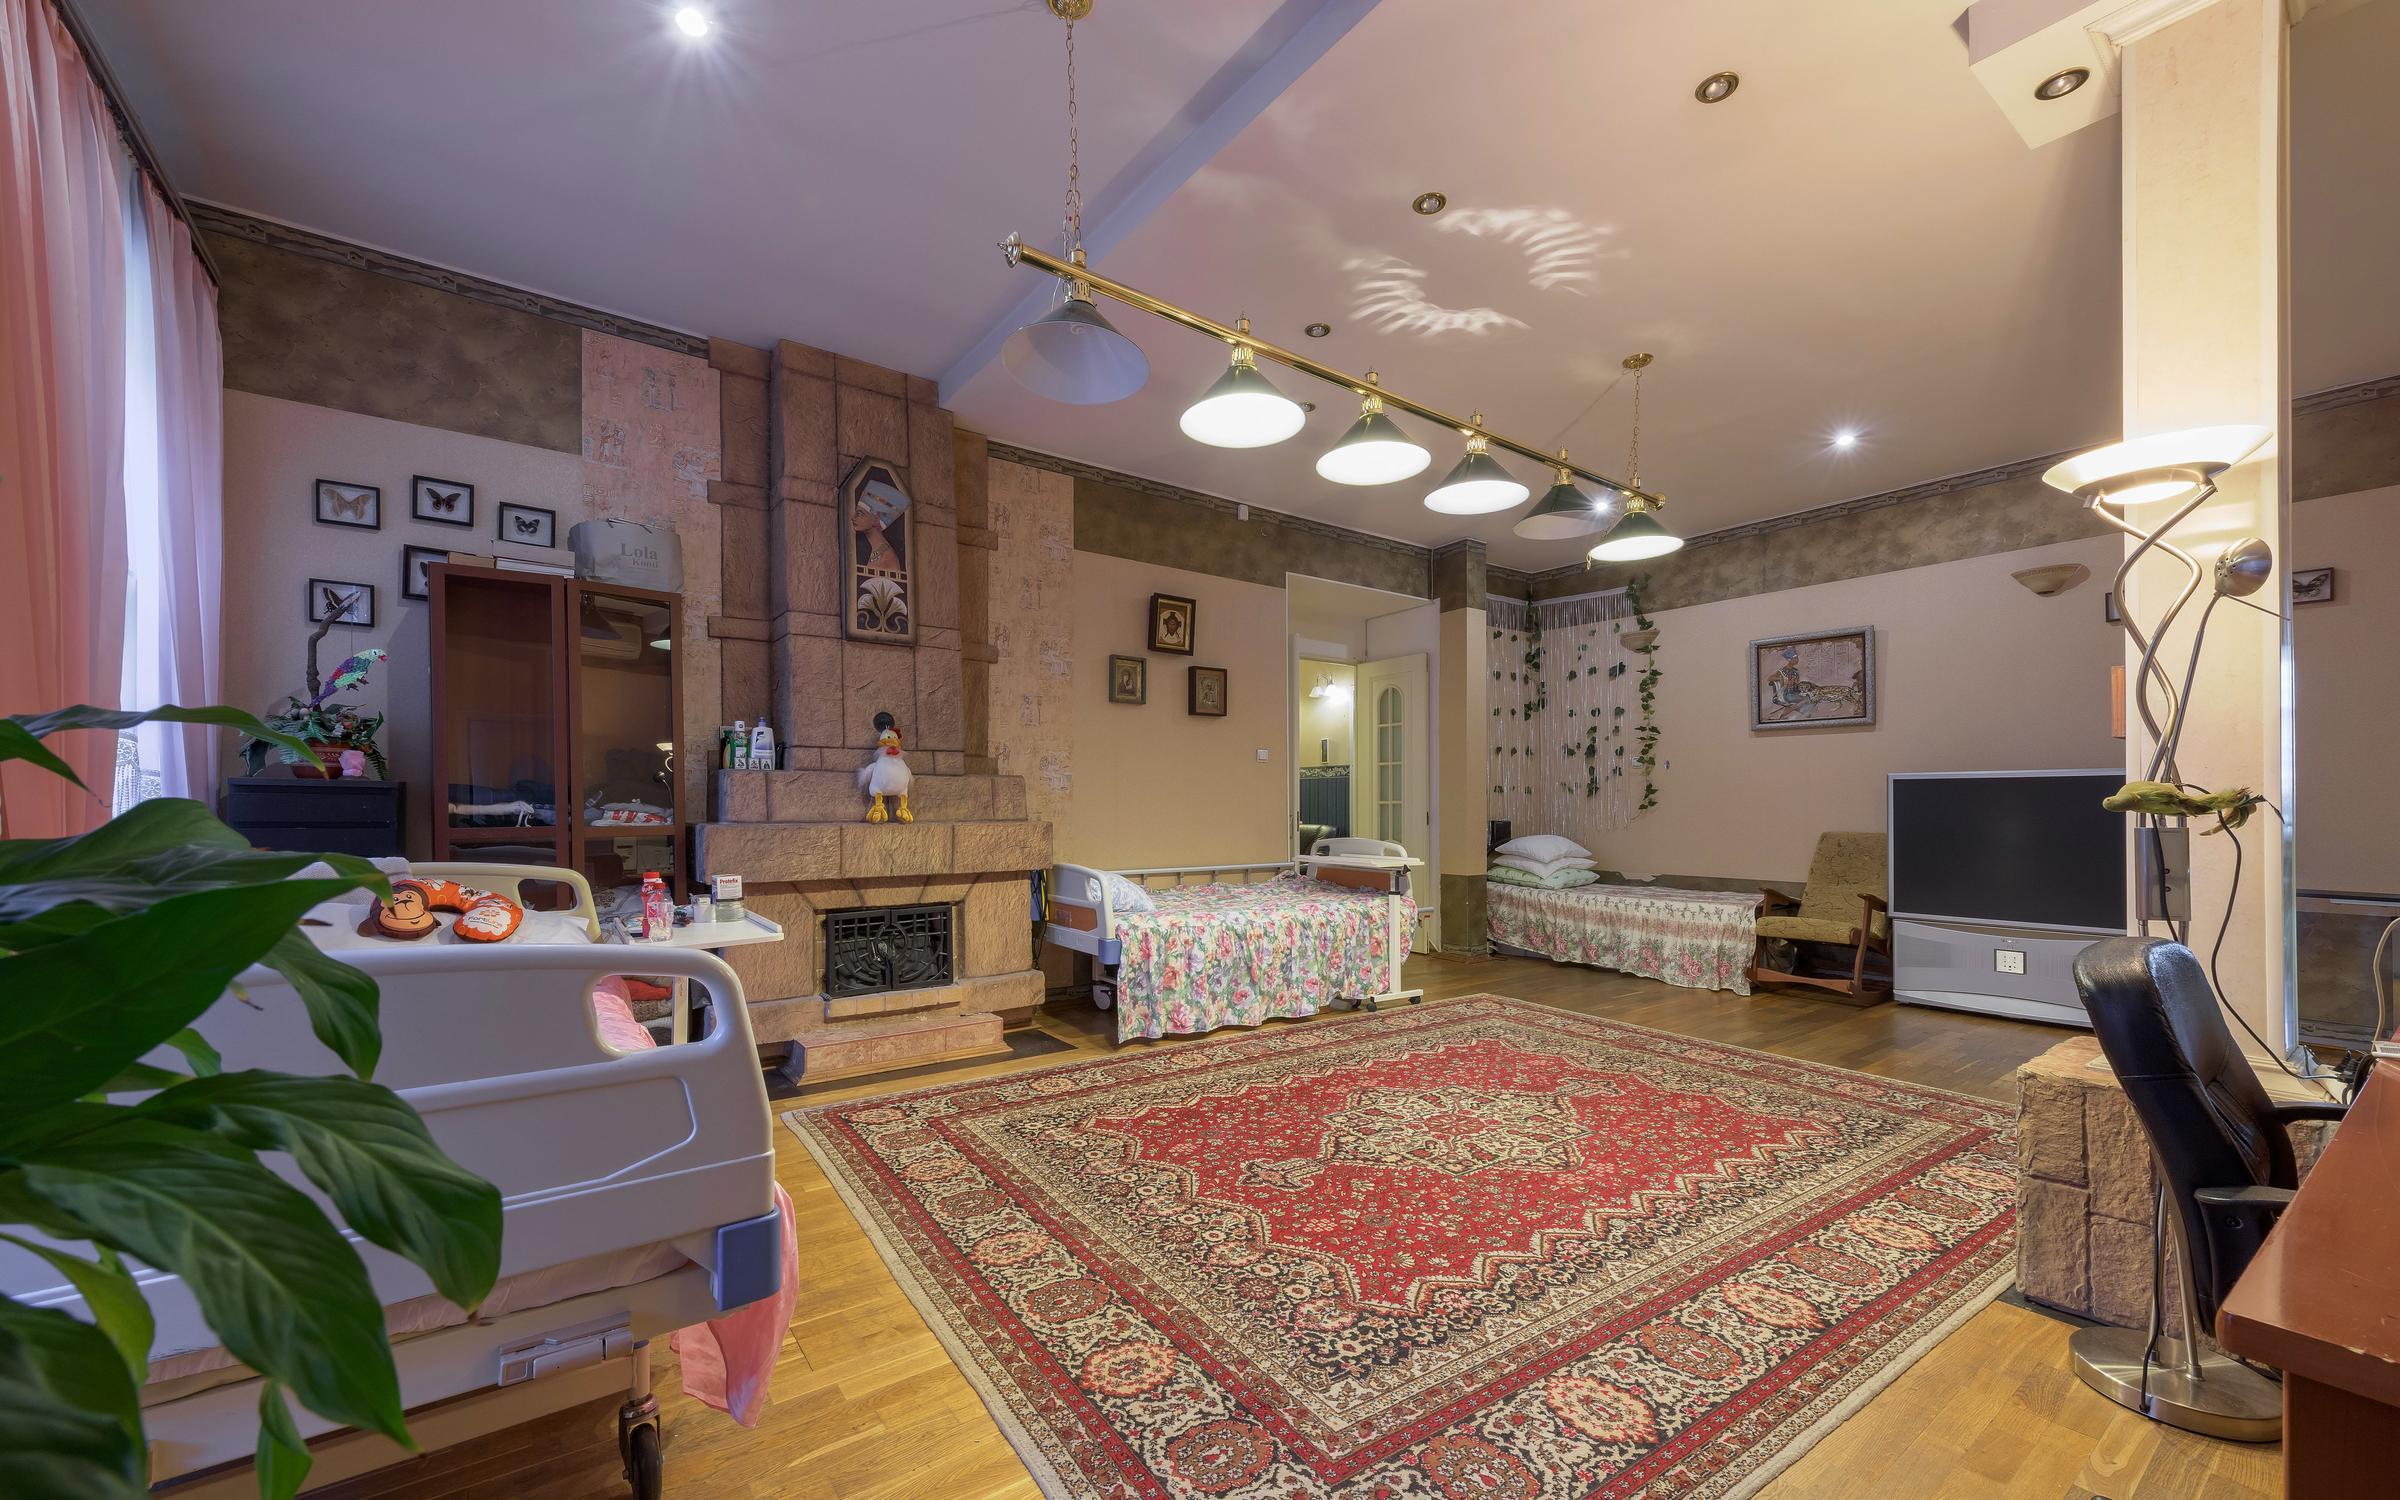 Дом престарелых и пансионат для пожилых людей «Милорадово» в Москве